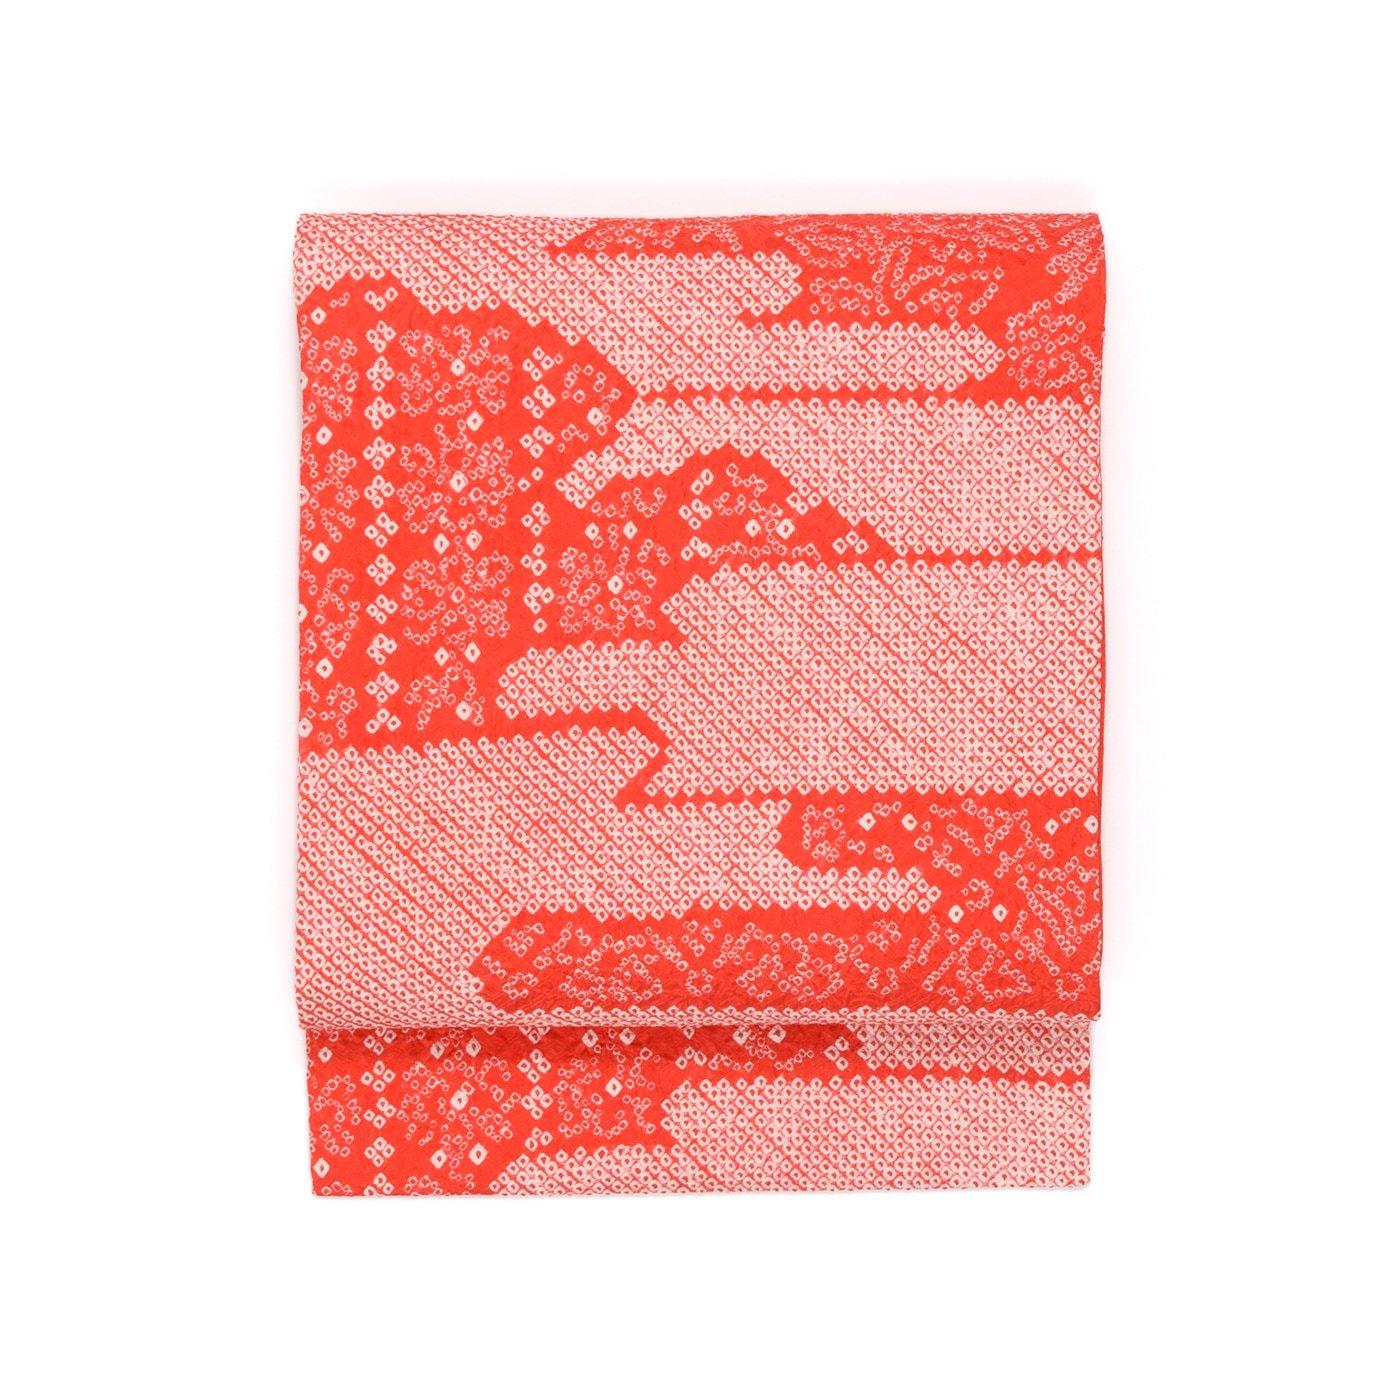 「総絞り 朱赤 霞に小花」の商品画像